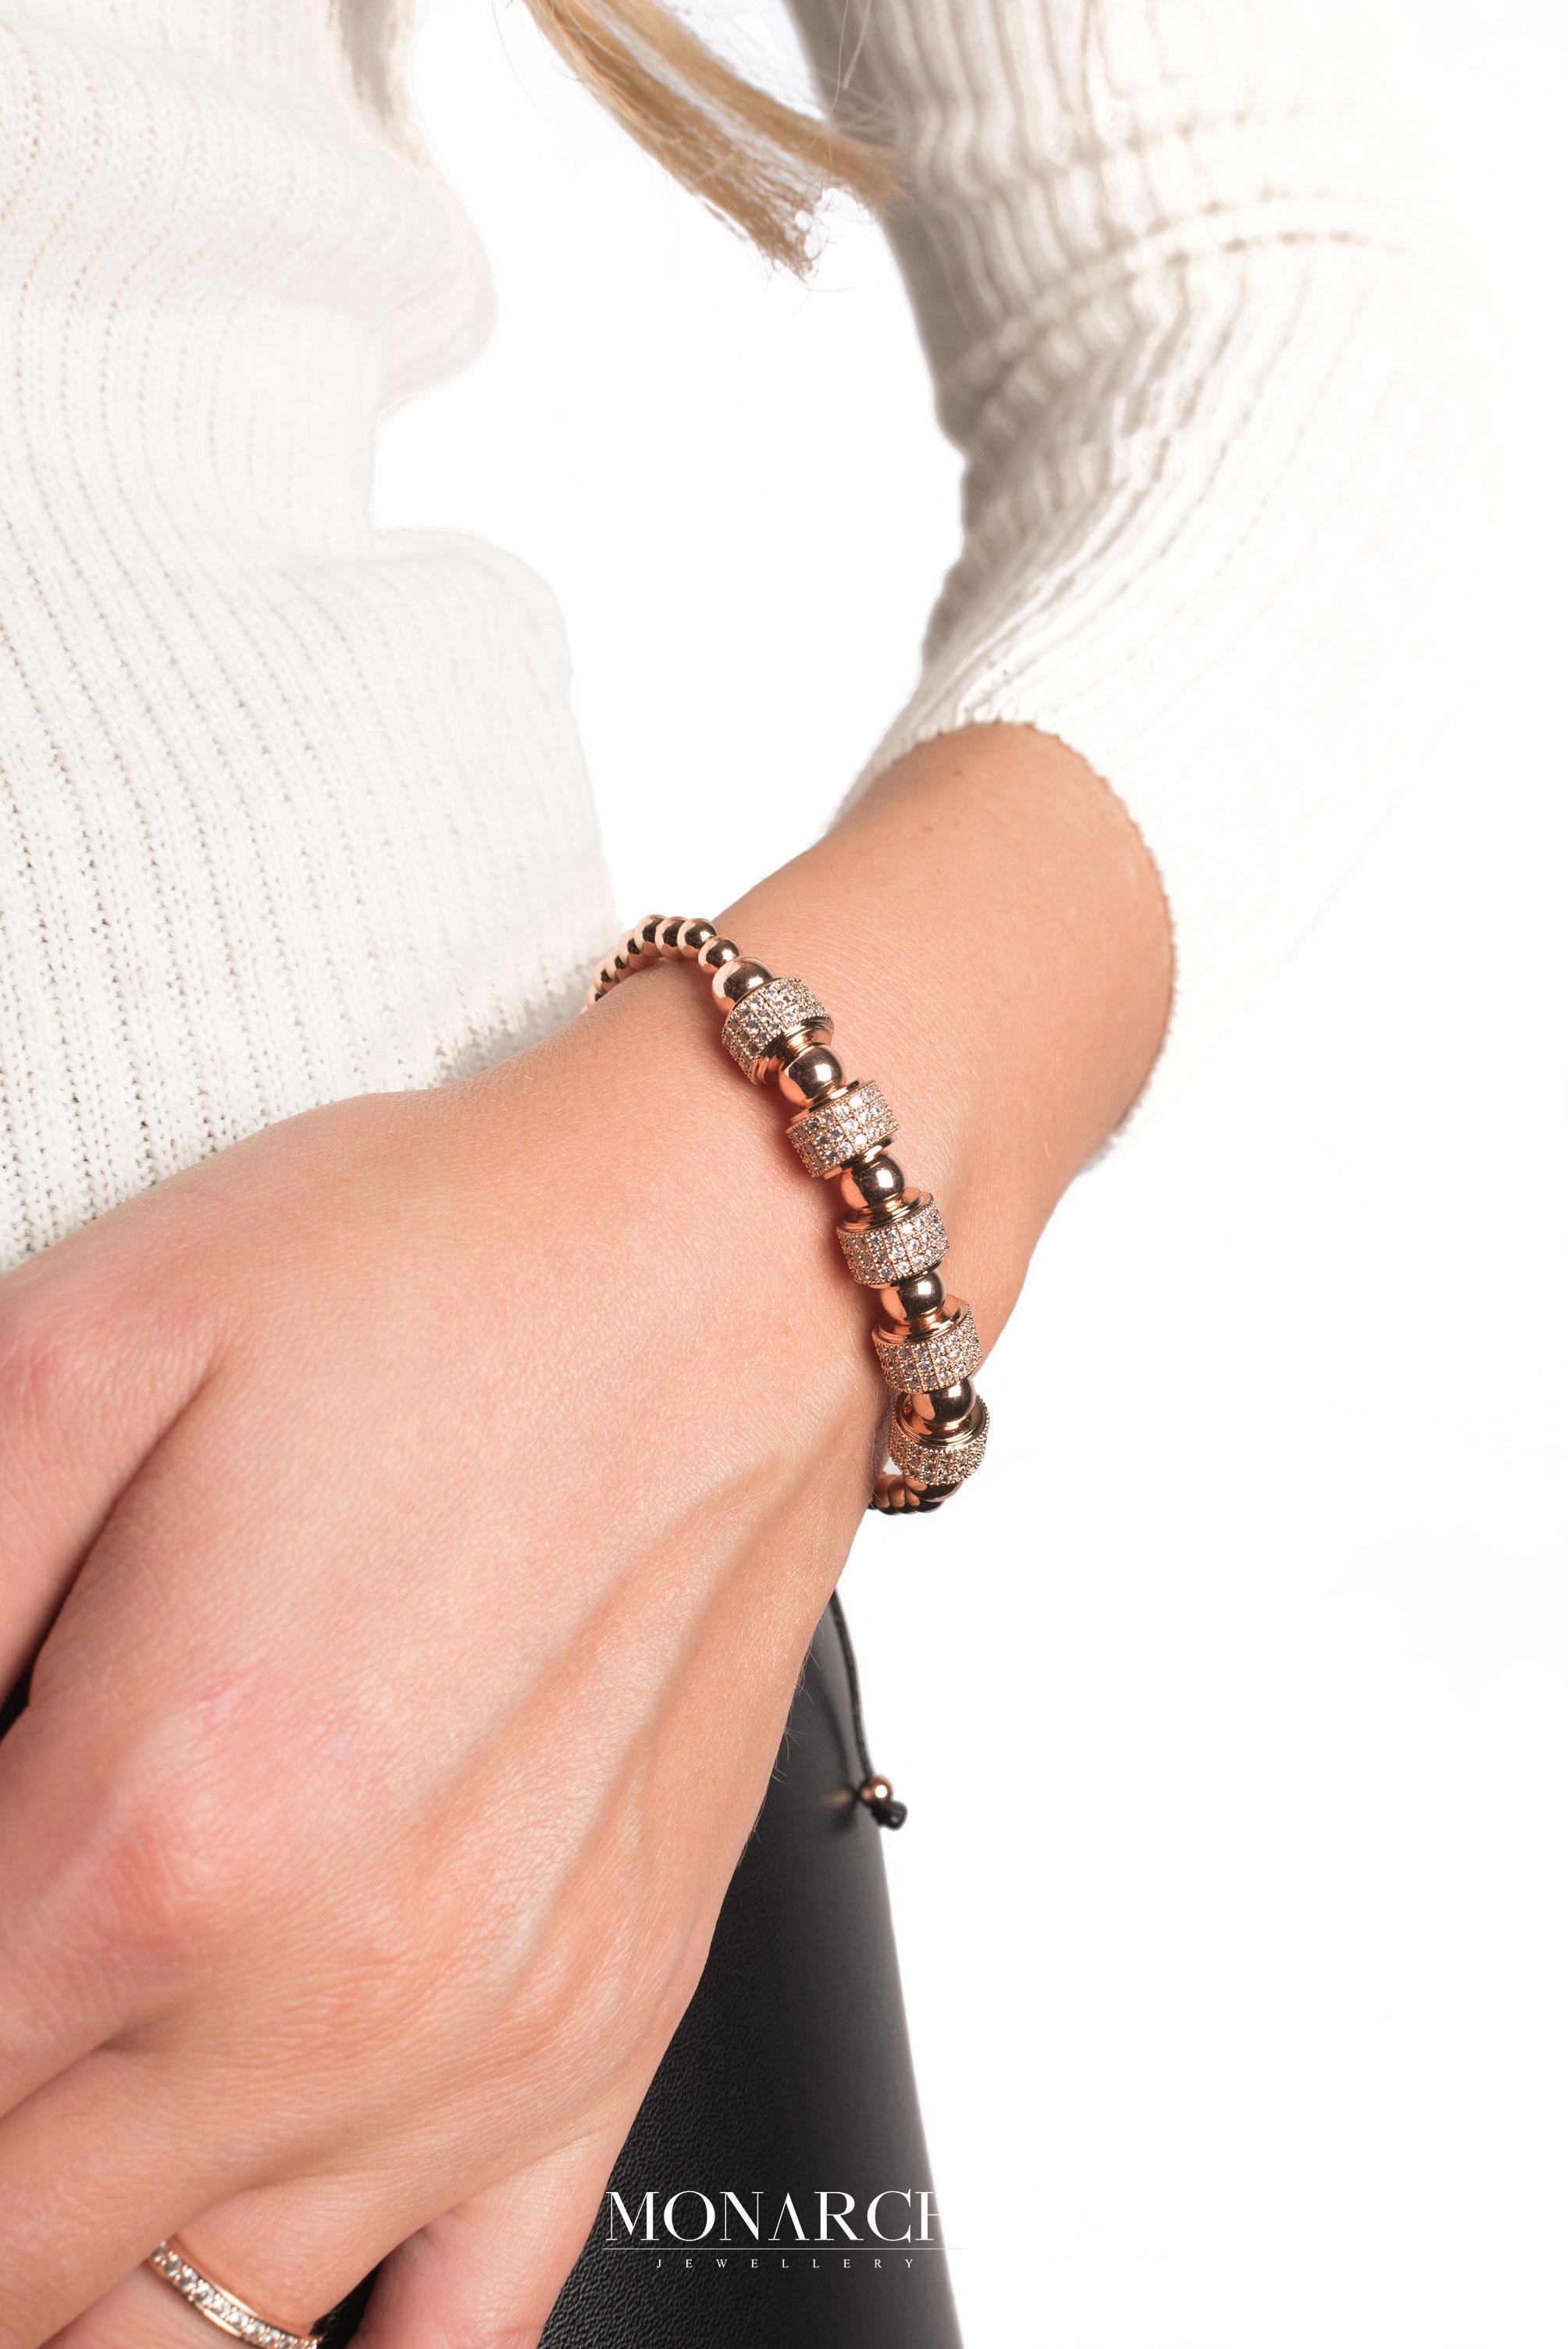 Monarch Jewellery Luxury Bracelet MA159RGP women